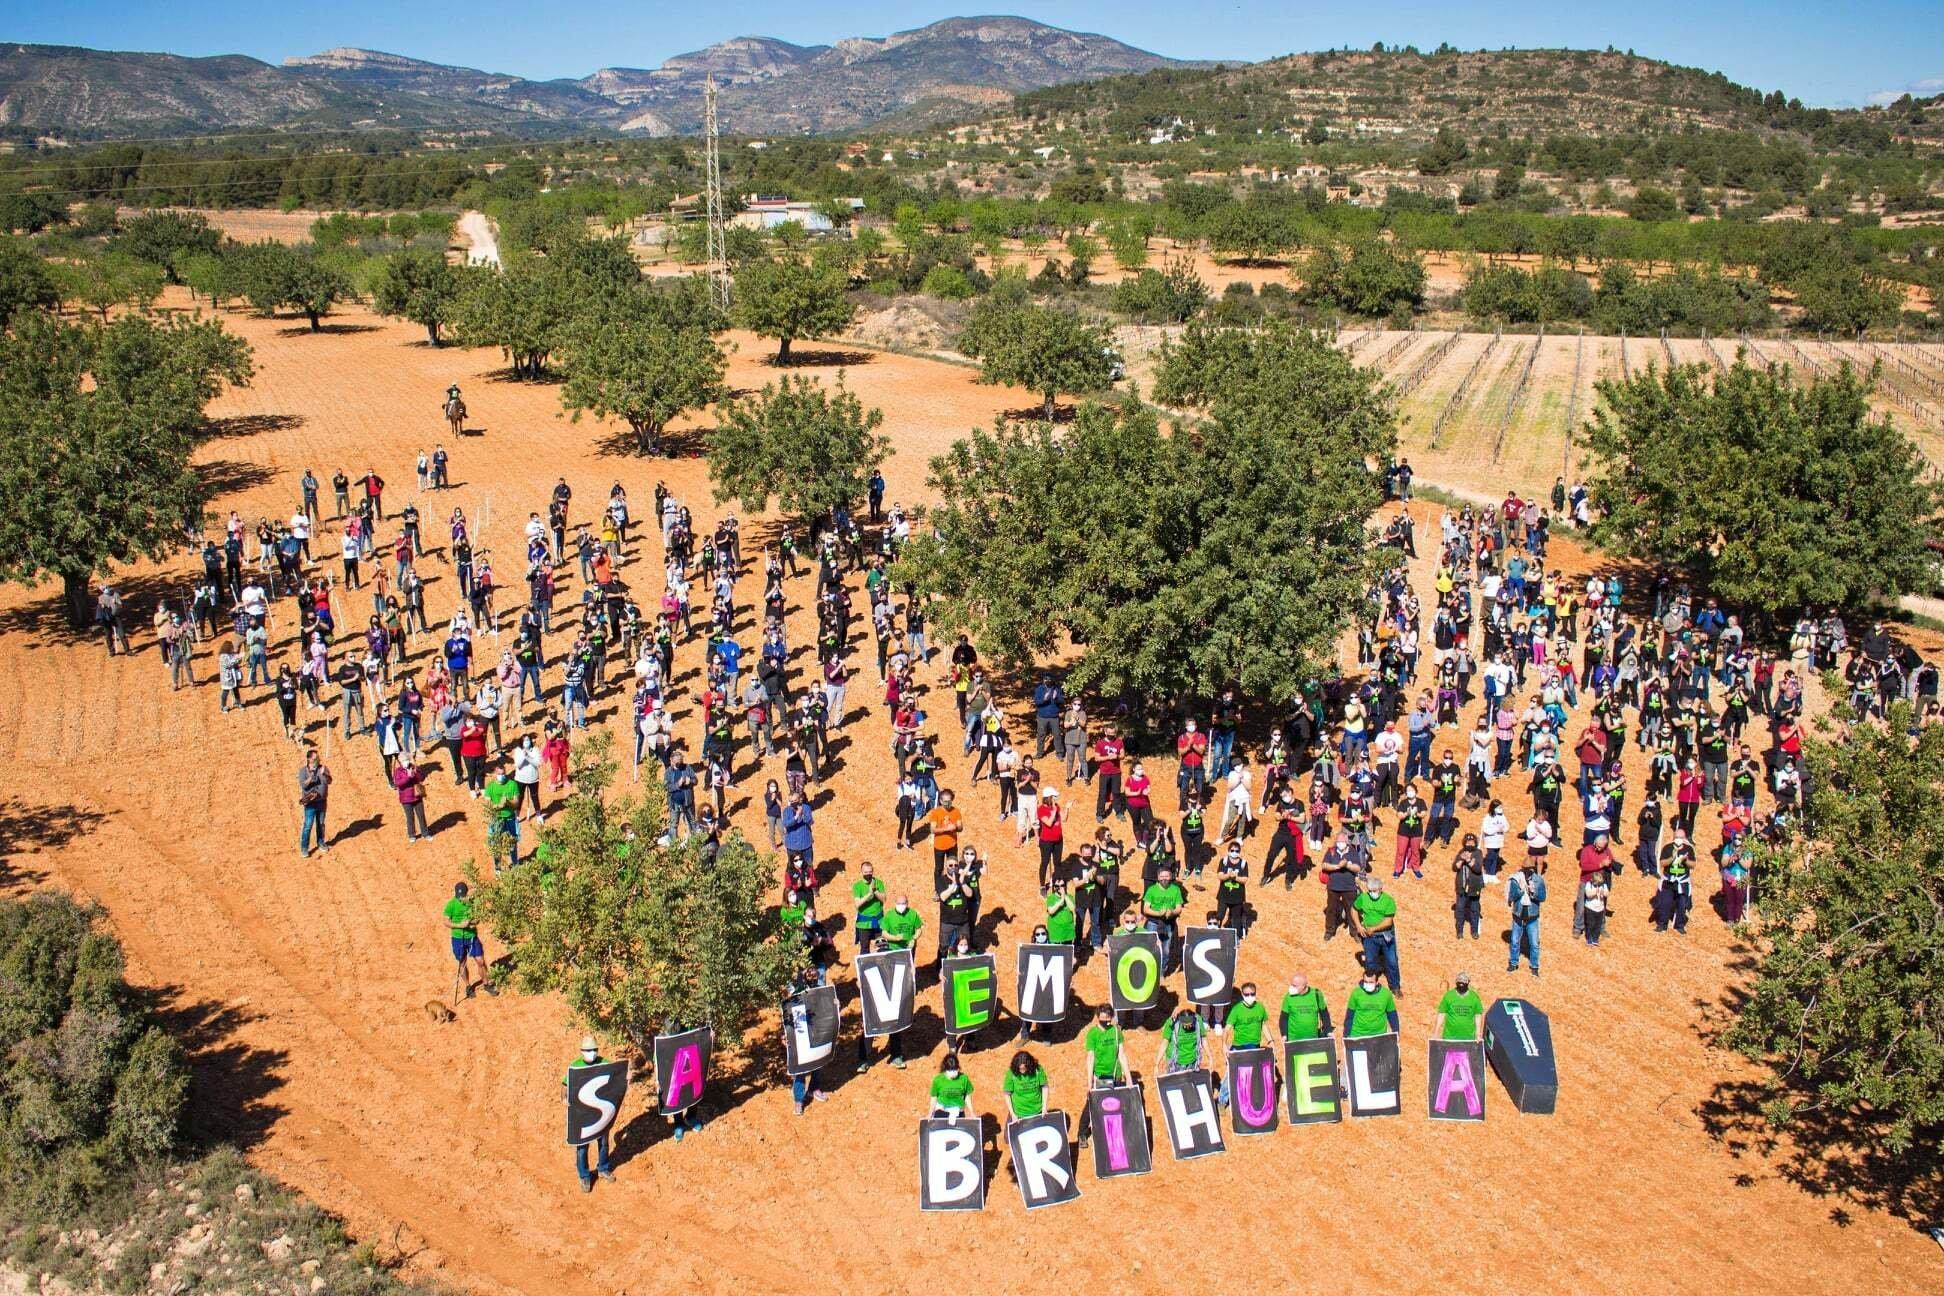 """Die Aktivistïnnen haben sich in Corona-verträglichen Abständen aufgestellt; sie tragen ein Transparent mit der Aufschrift """"Salvemos Brihuela"""" – lasst uns Brihuela retten"""